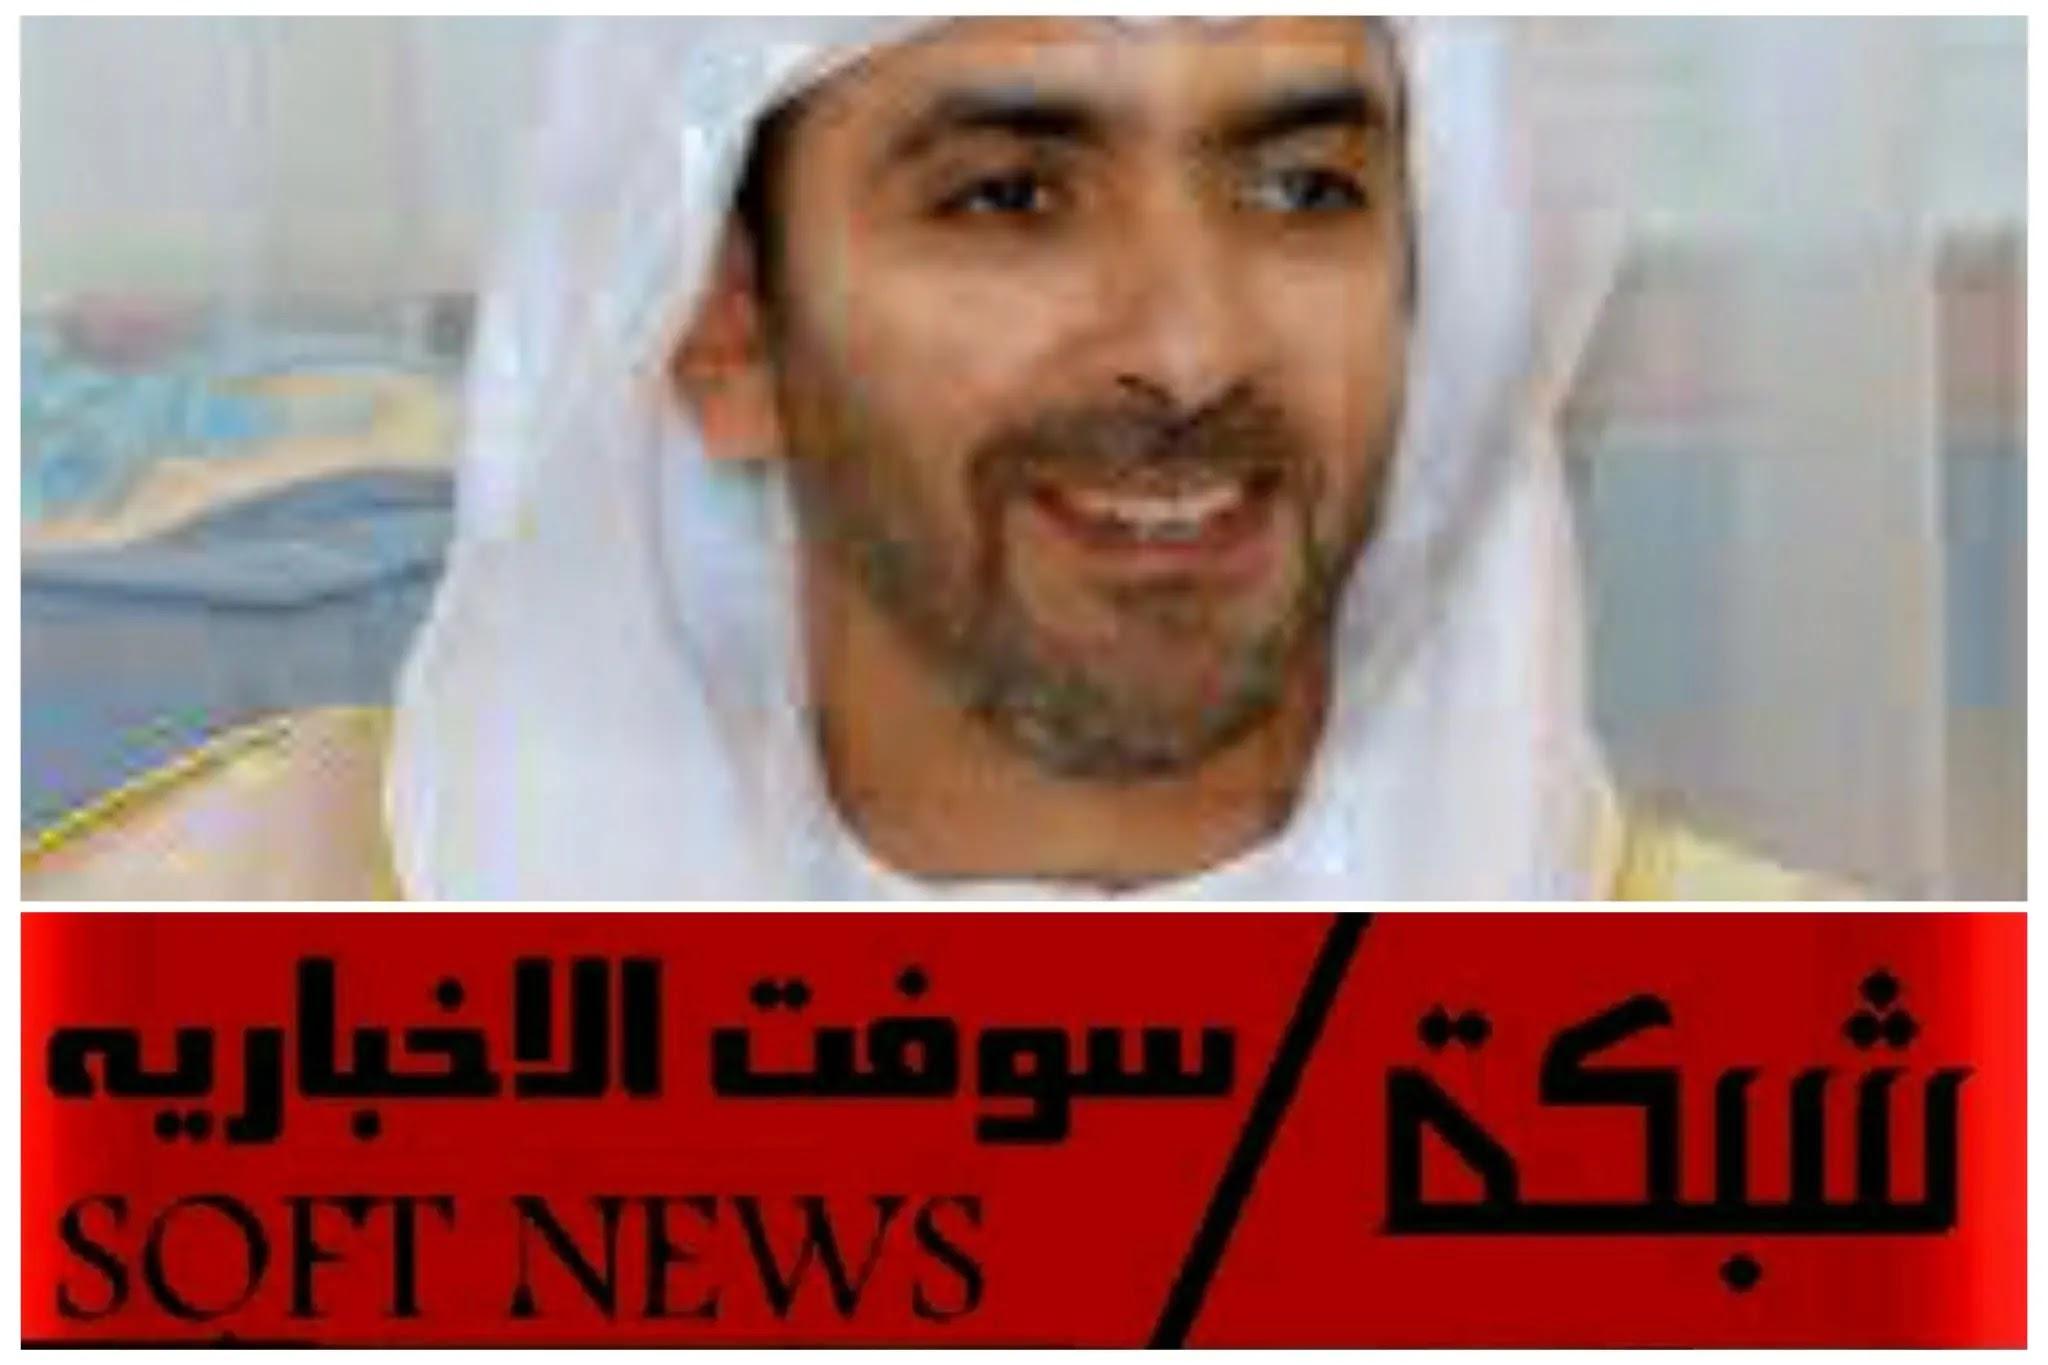 وزير دولة الامارات العربية المتحدة الشيخ سيف بن زايد يتلقي لقاح COVID-19.- أخبار عربية